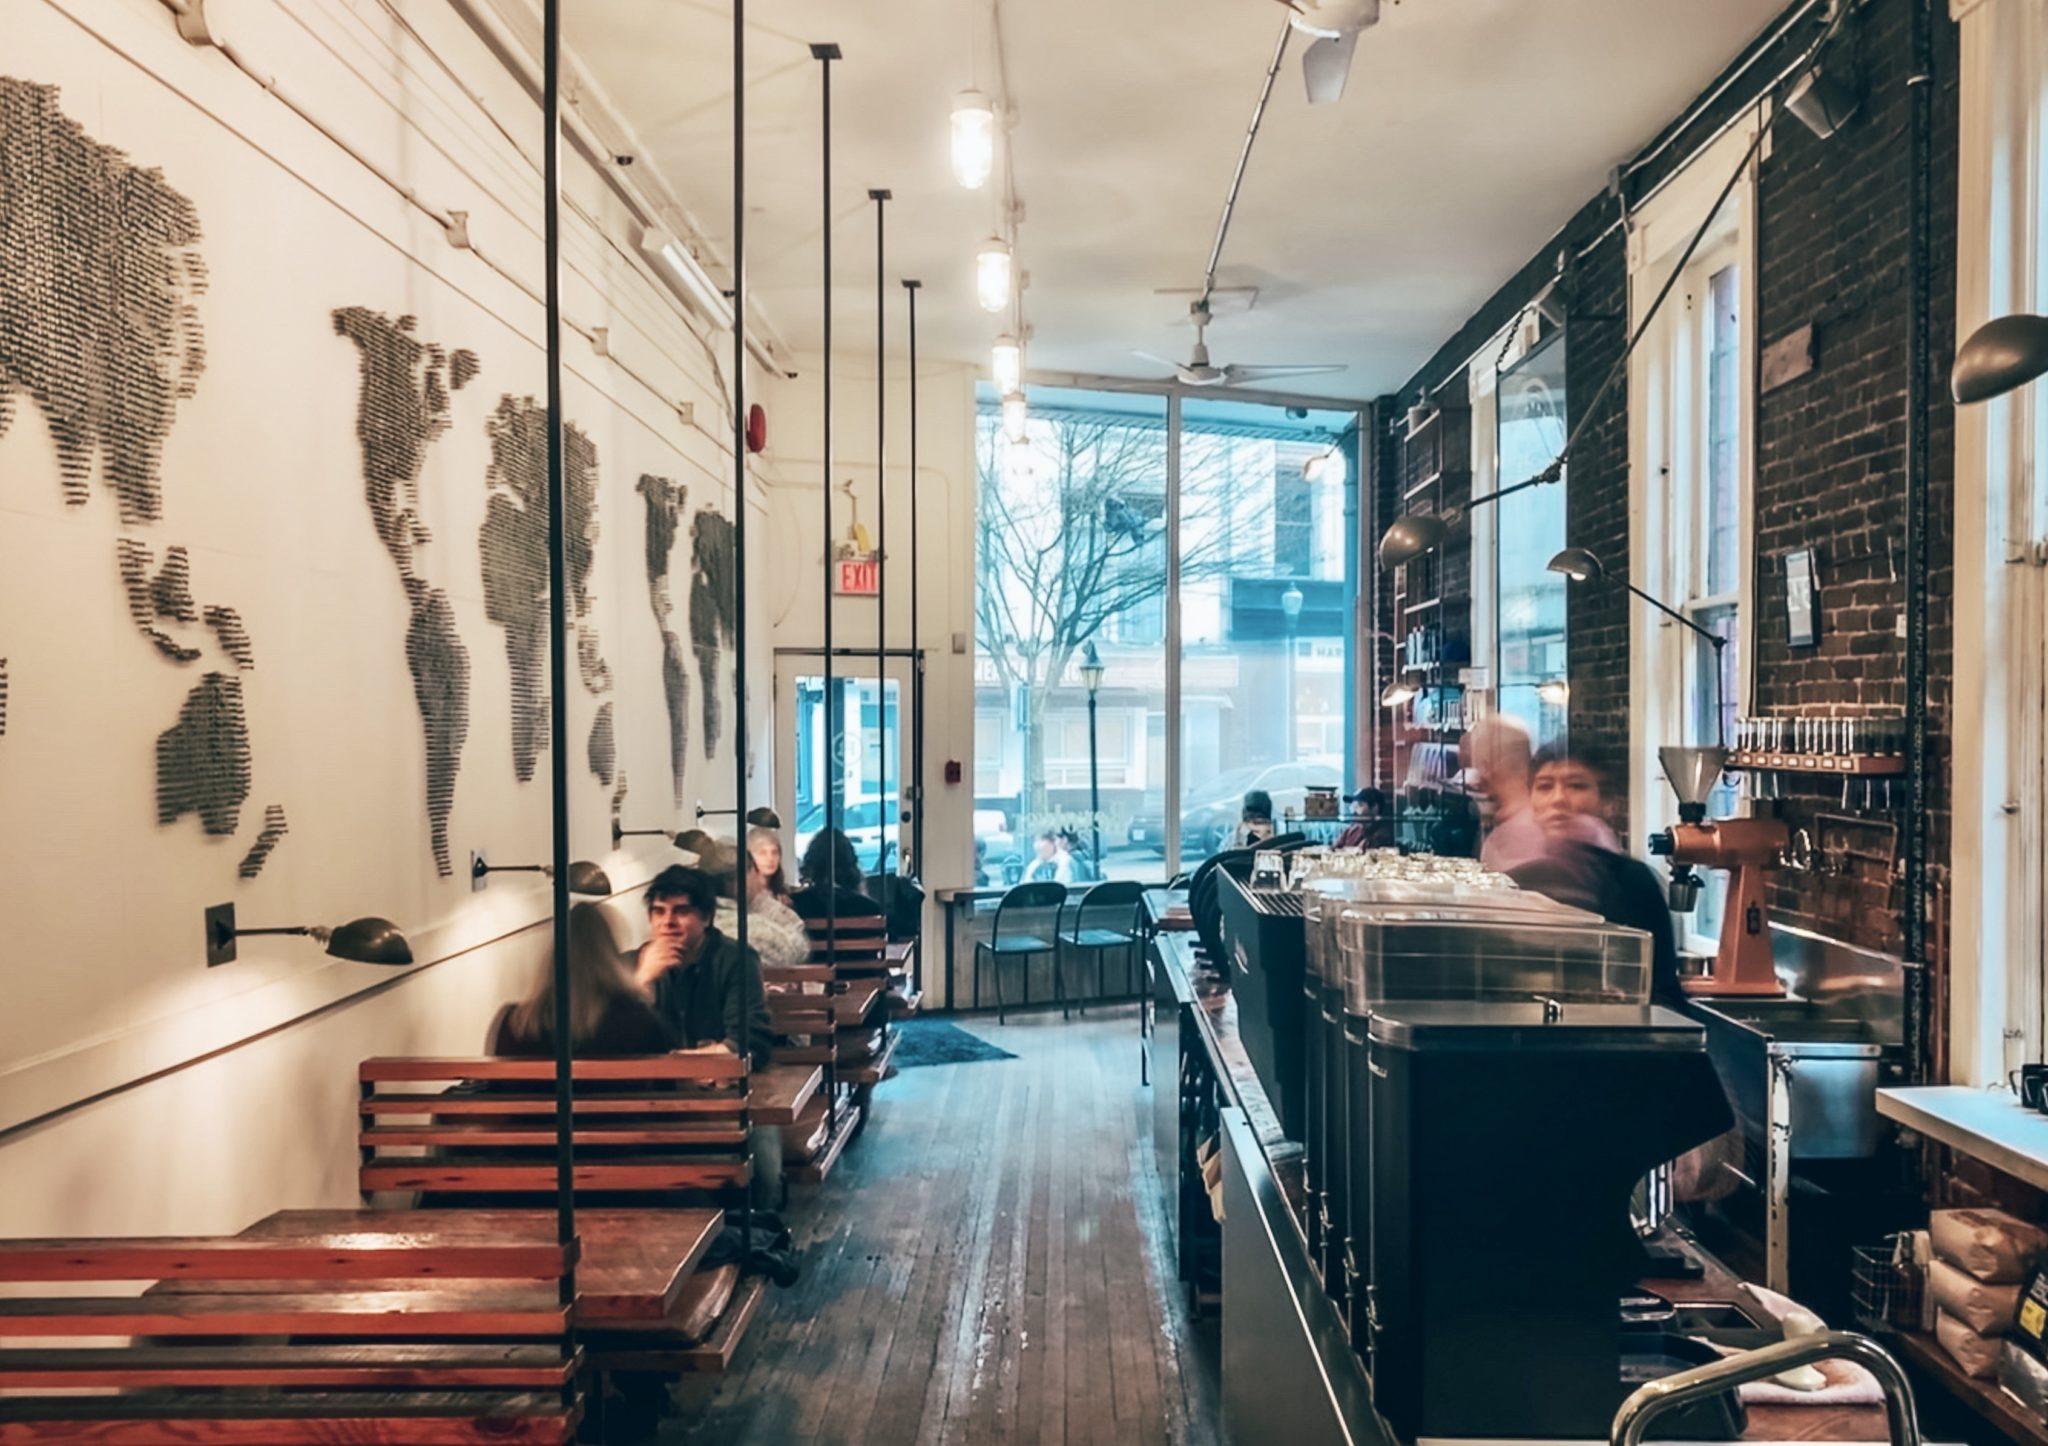 Revolver coffee shop